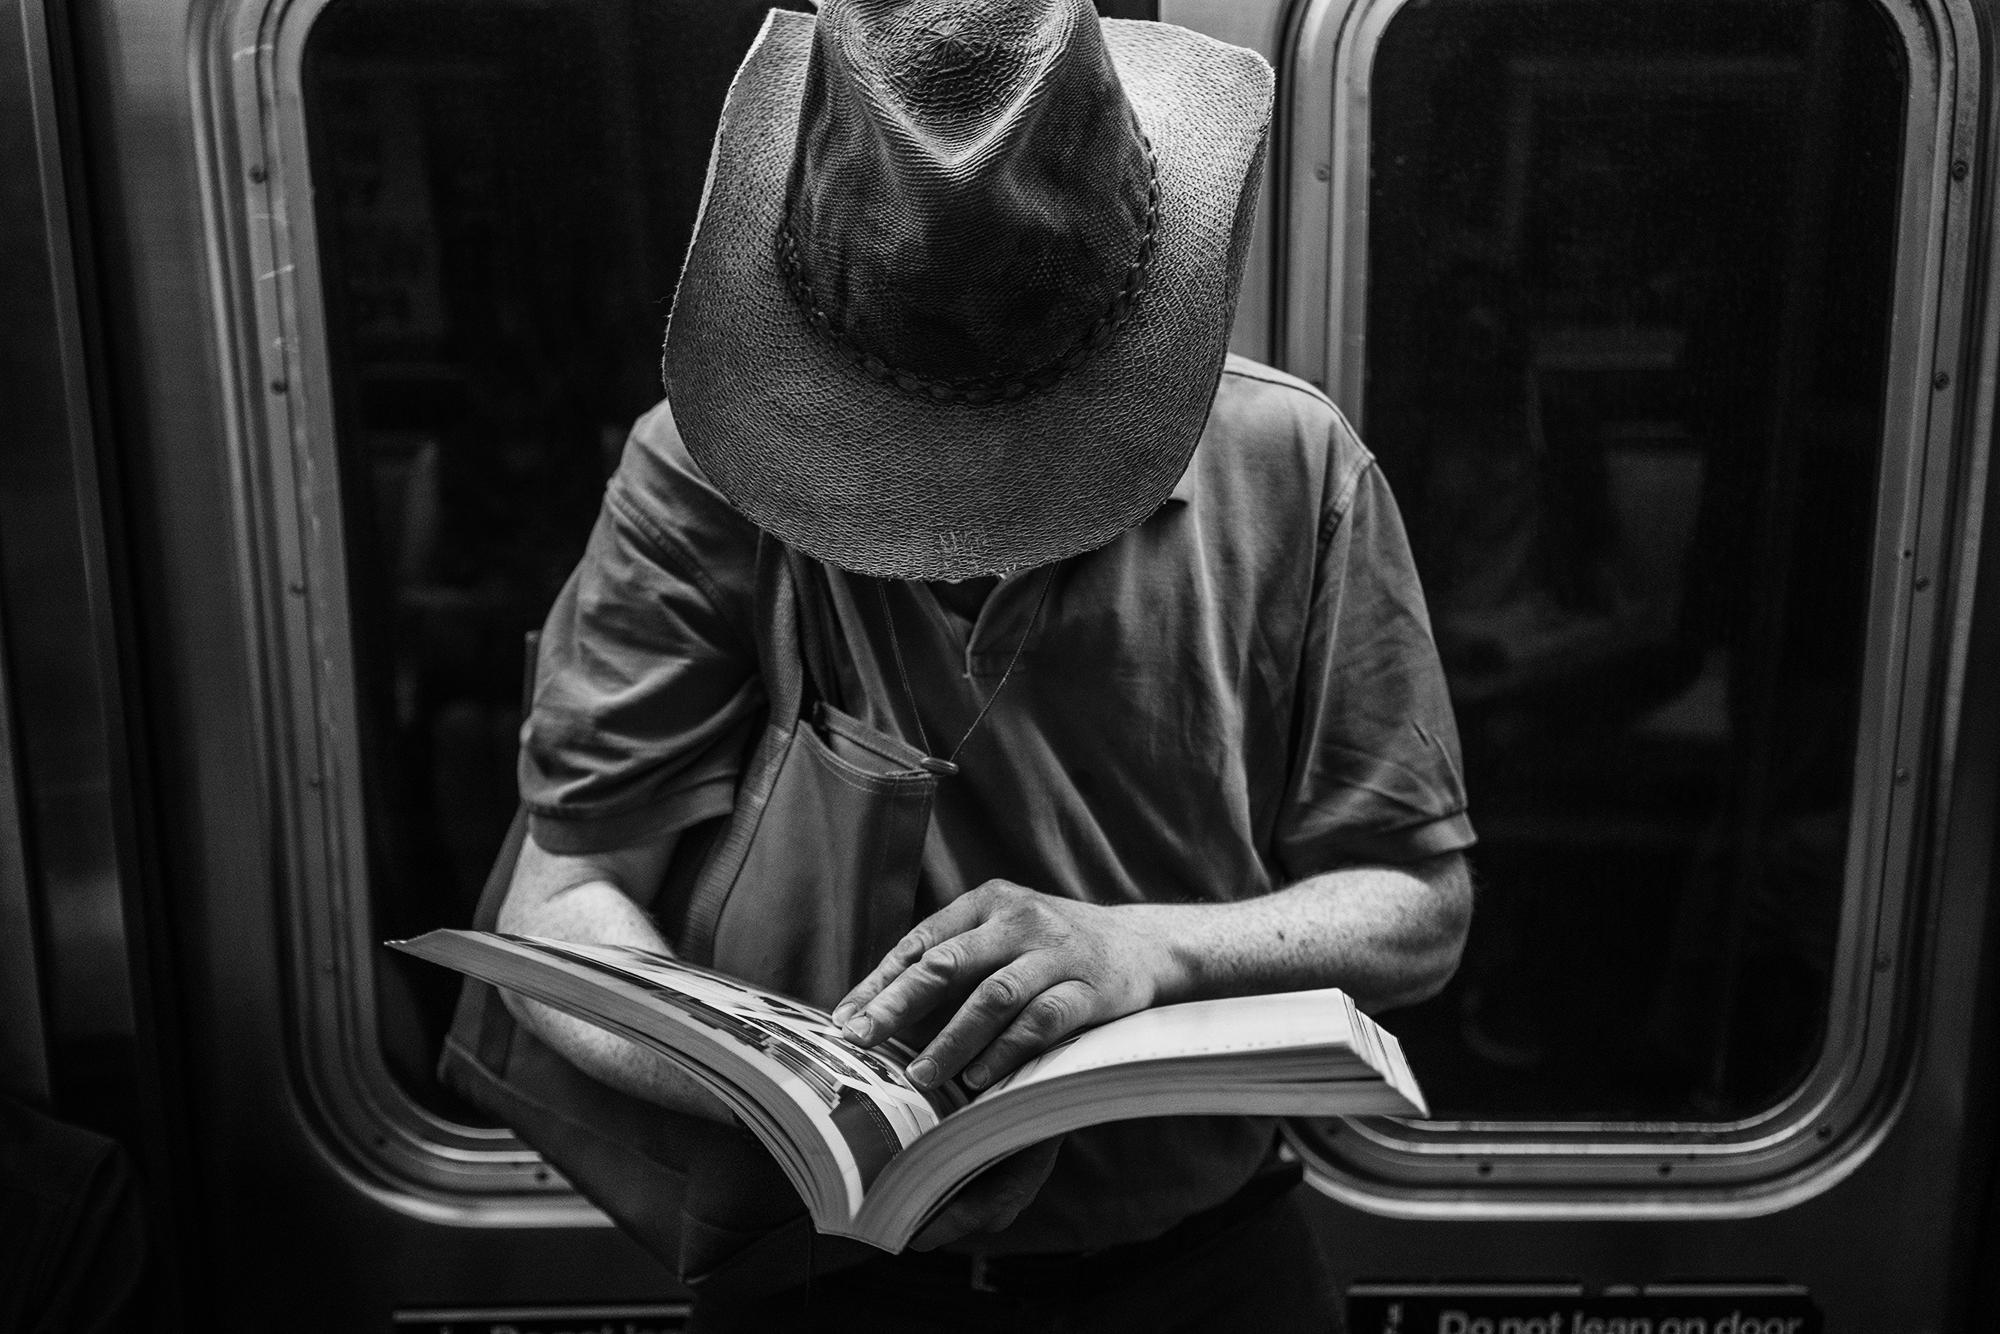 NYC_Subway_2018_Cowboy_Reading-016.jpg